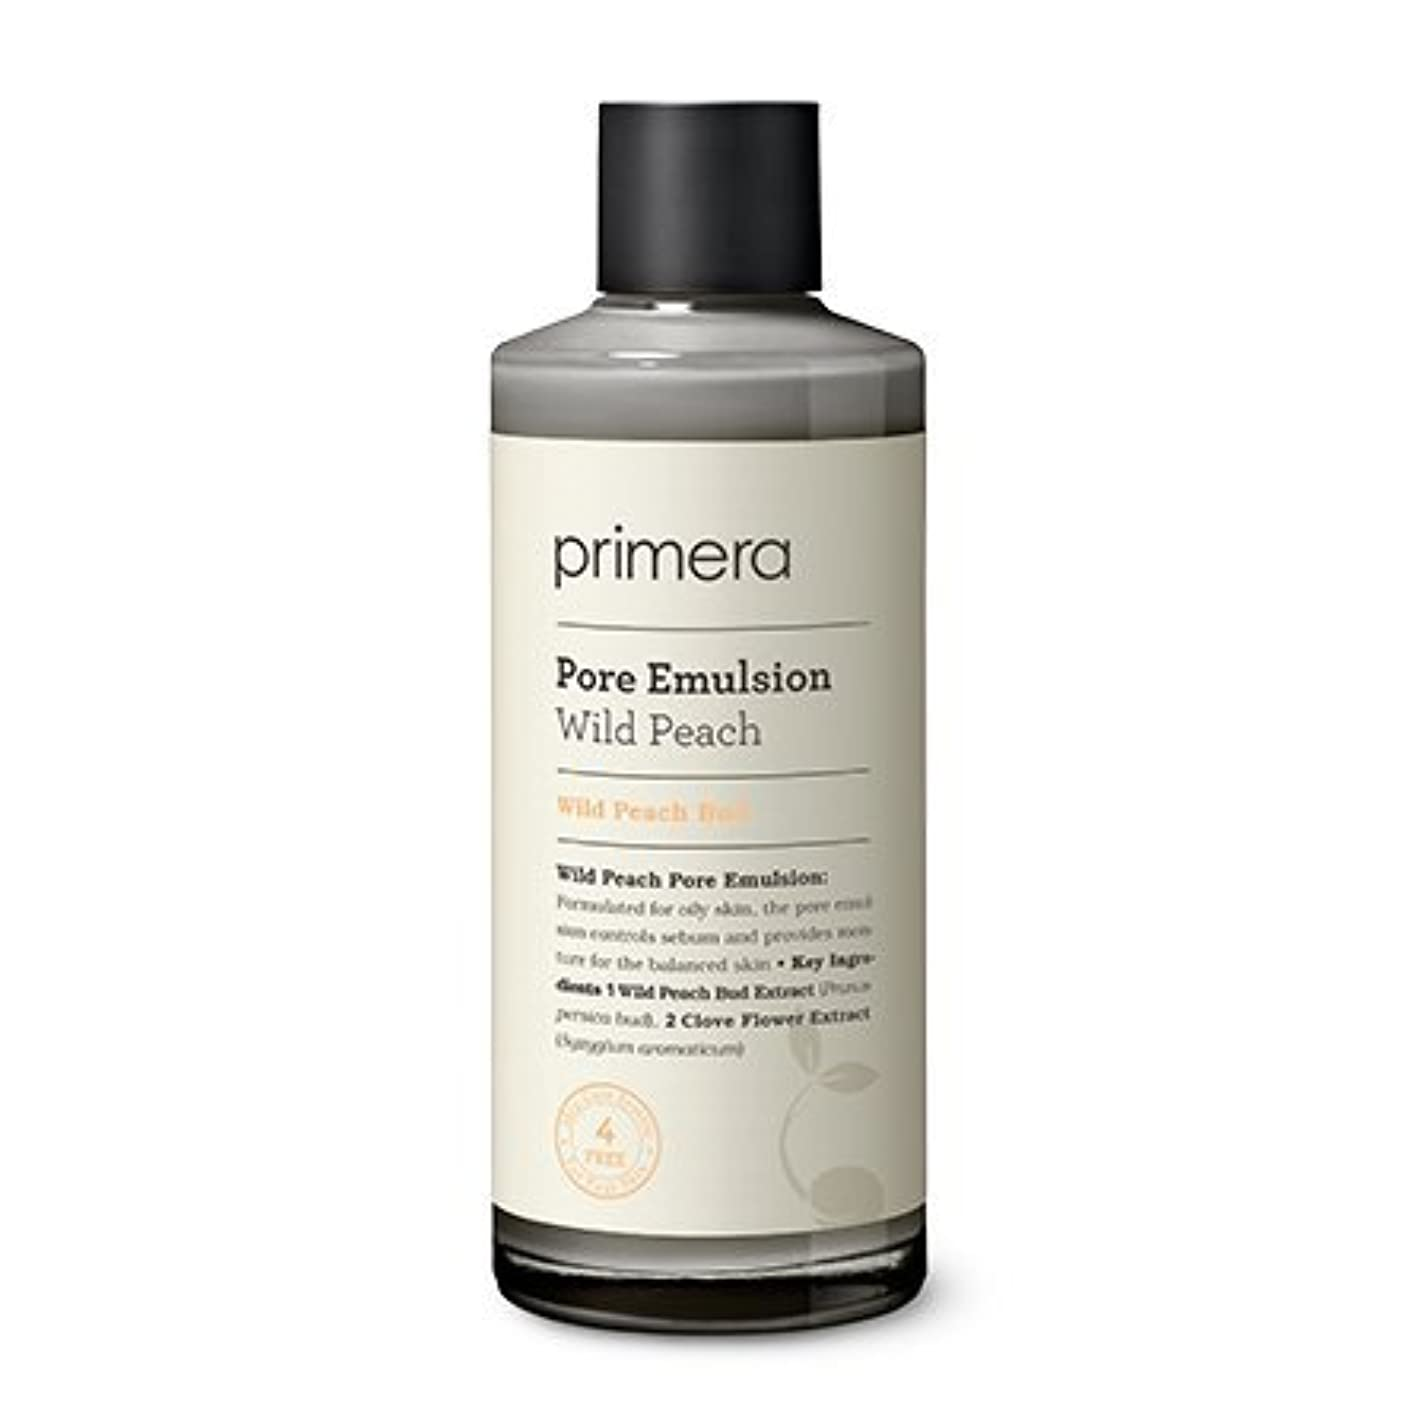 入手します交通渋滞飛行場【Primera】Wild Peach Pore Emulsion - 150ml (韓国直送品) (SHOPPINGINSTAGRAM)